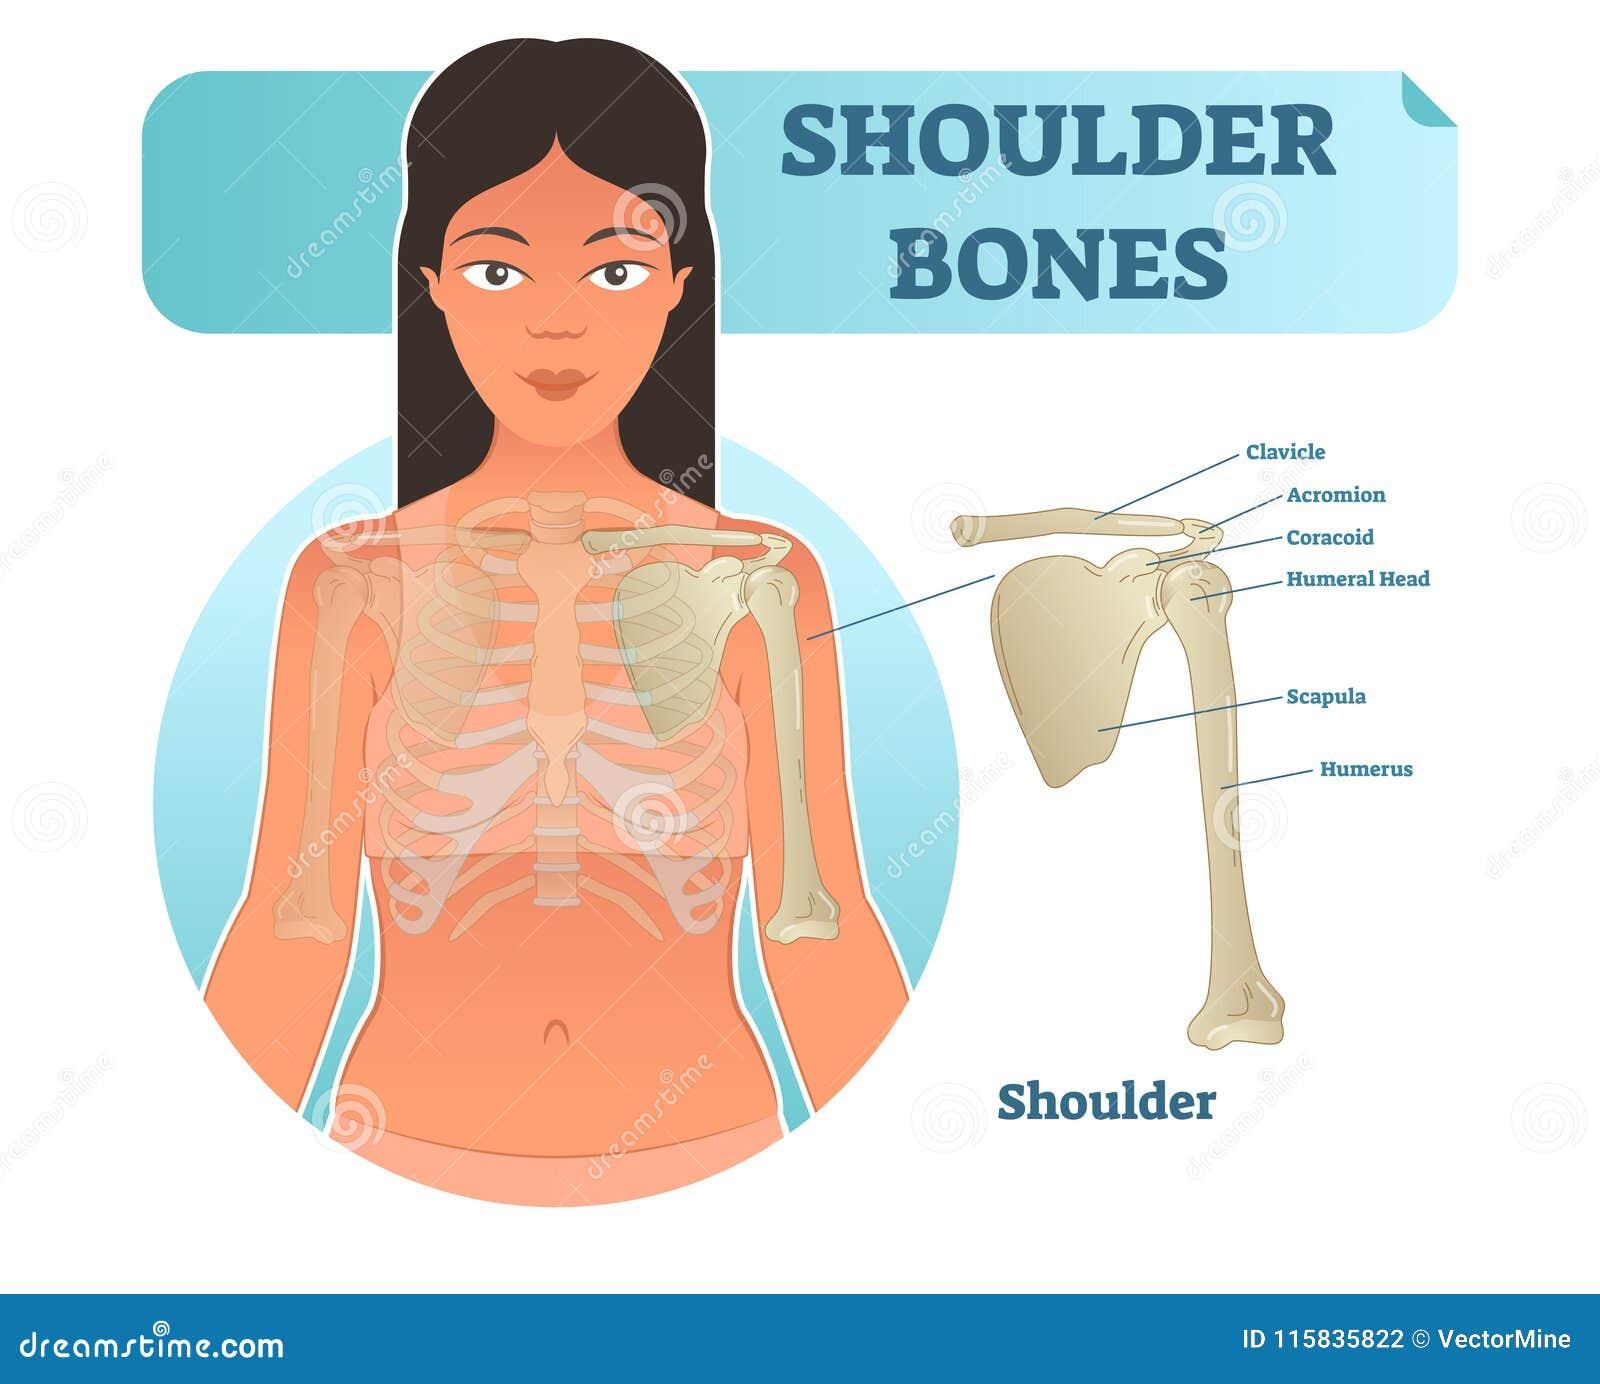 Labeled Human Shoulder Bone Anatomical Vector Illustration Diagram ...